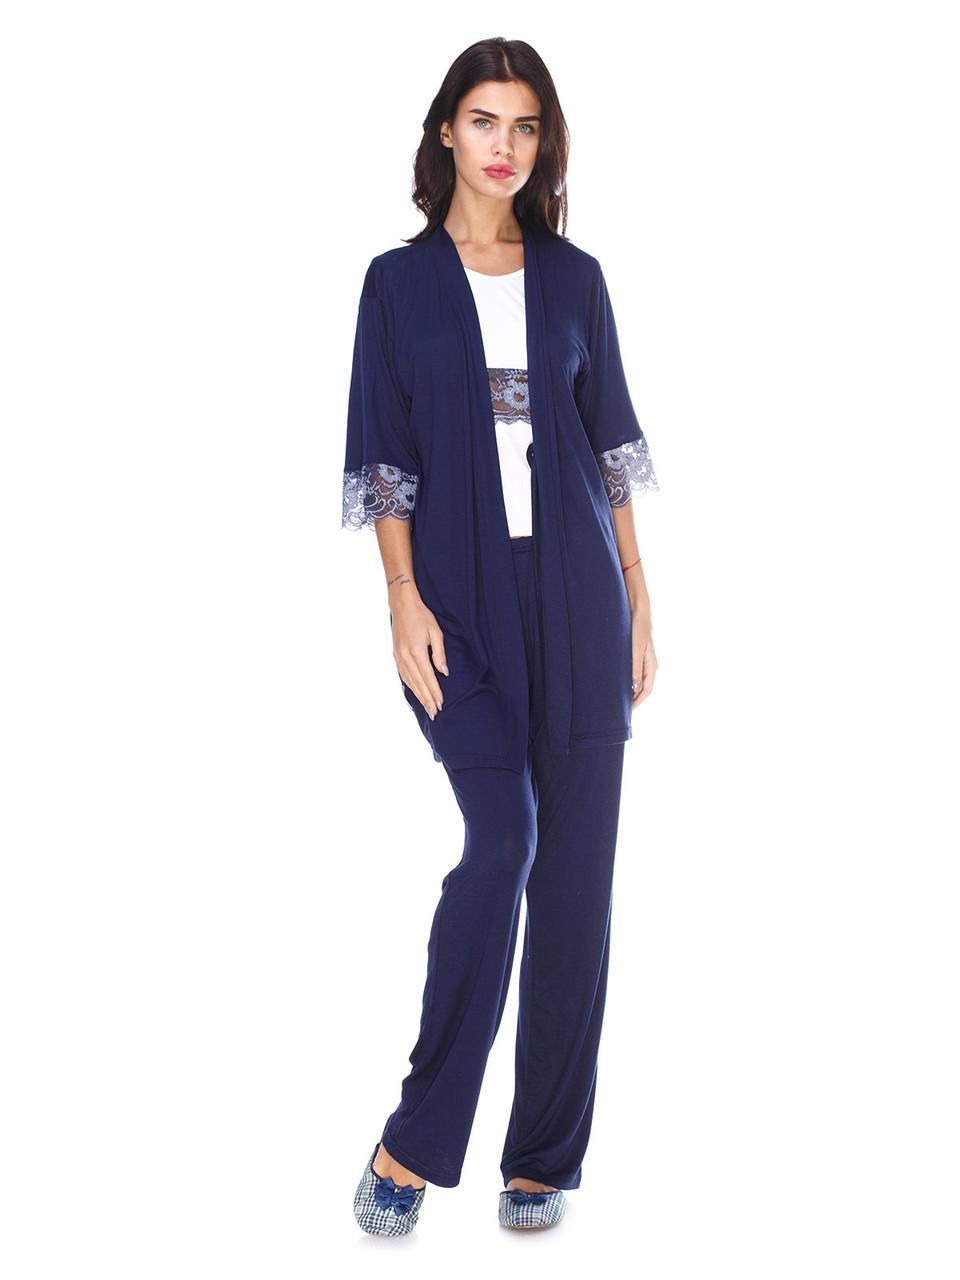 Комплект пижама с штанами и халат, вискоза с кружевом Serenade синий